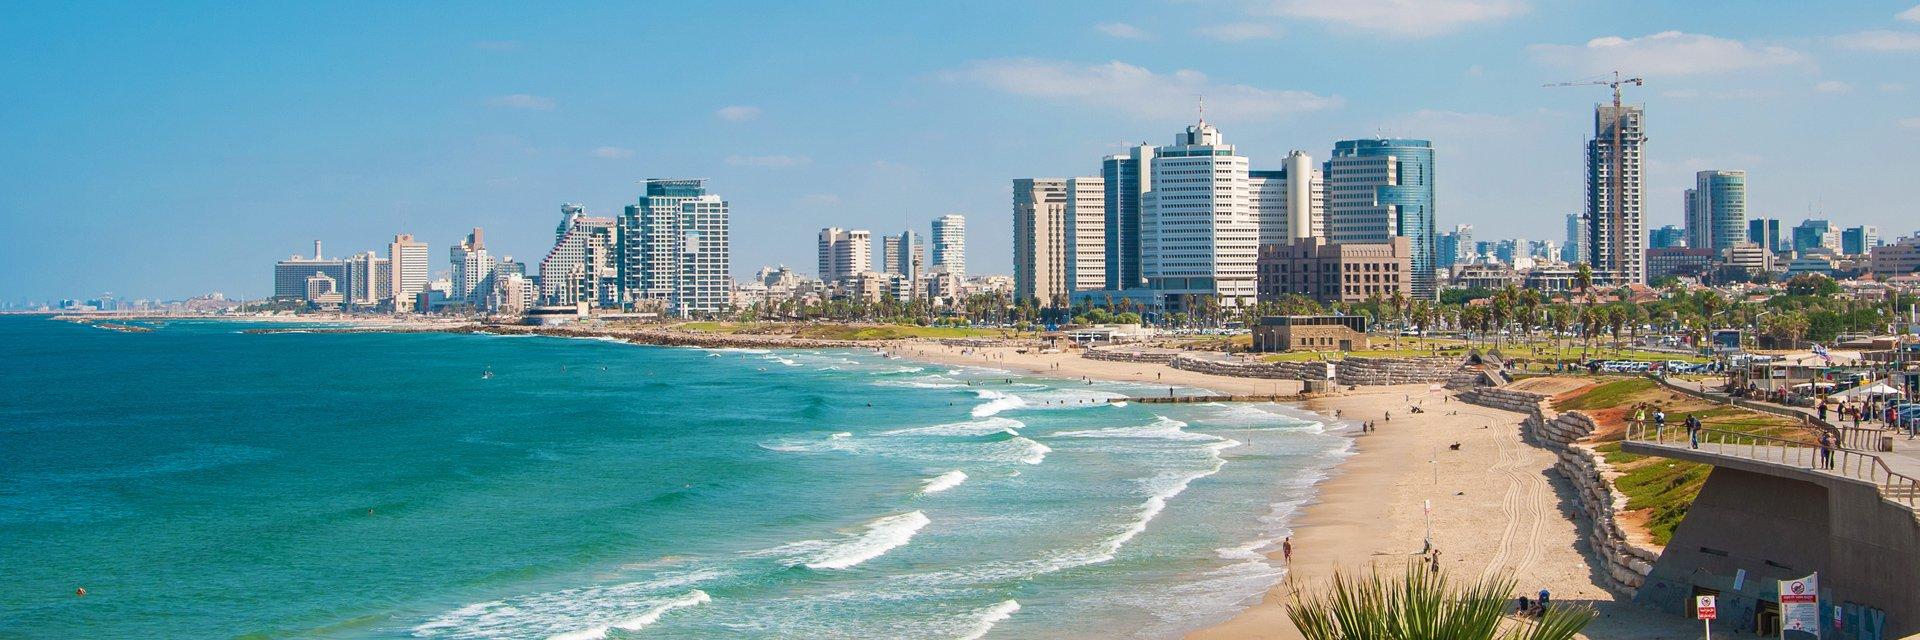 Туры в Израиль 2019, путевки из Москвы - цены на отдых в Израиле - ПАКС